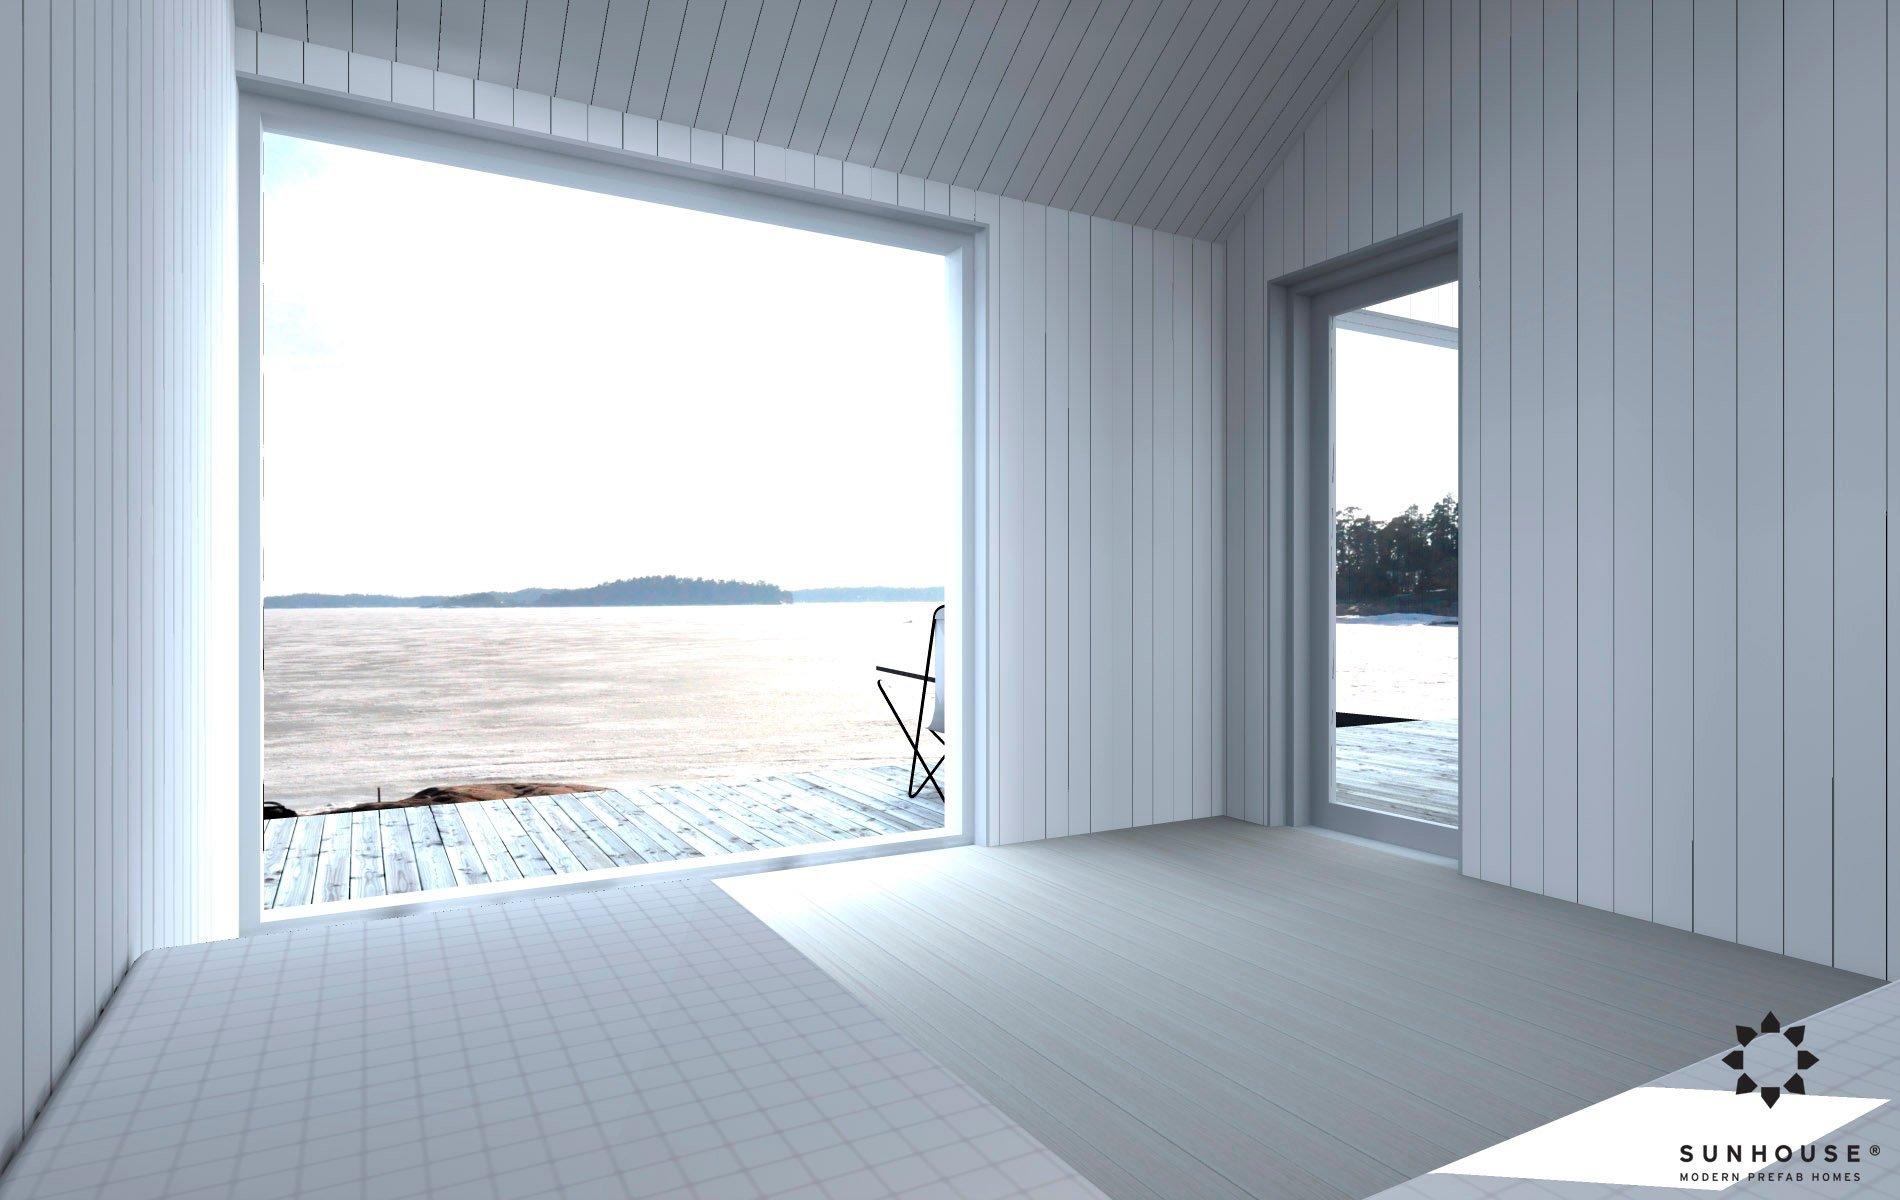 Sunhouse moderni sauna S1601 (8)